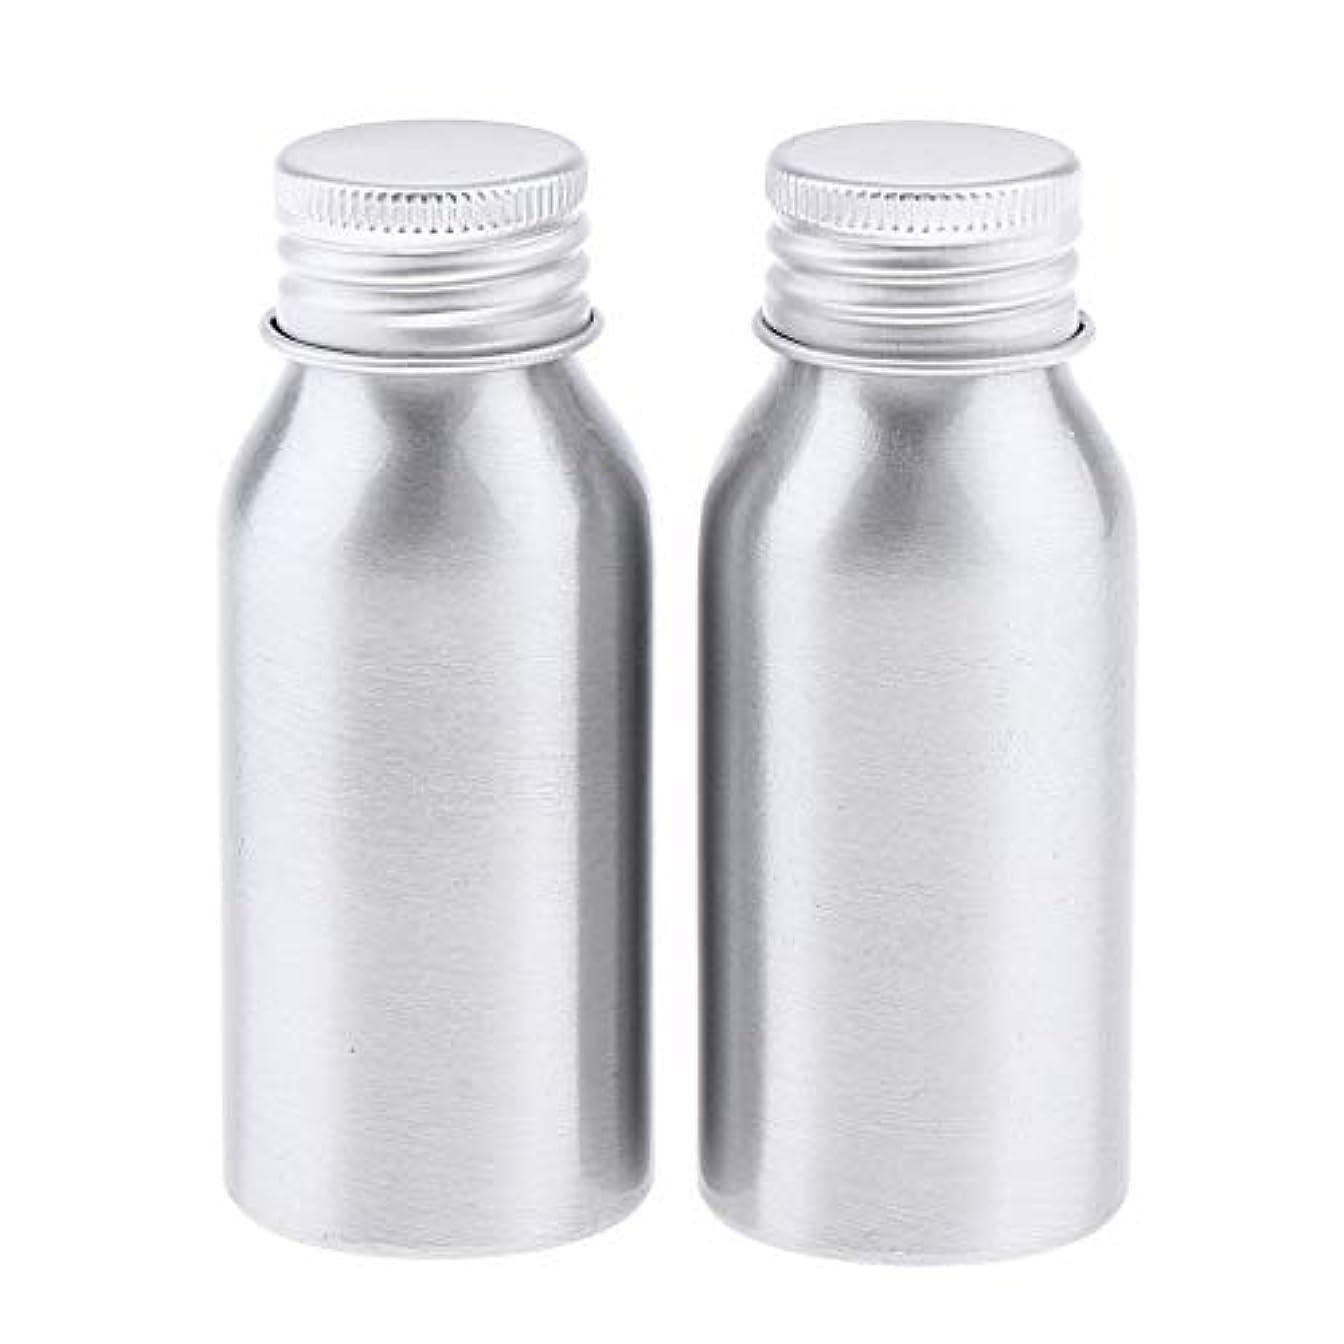 脚簡潔な接触2本 アルミボトル 化粧品 液体 収納容器 ローションボトル 5サイズ選べ - 50ml